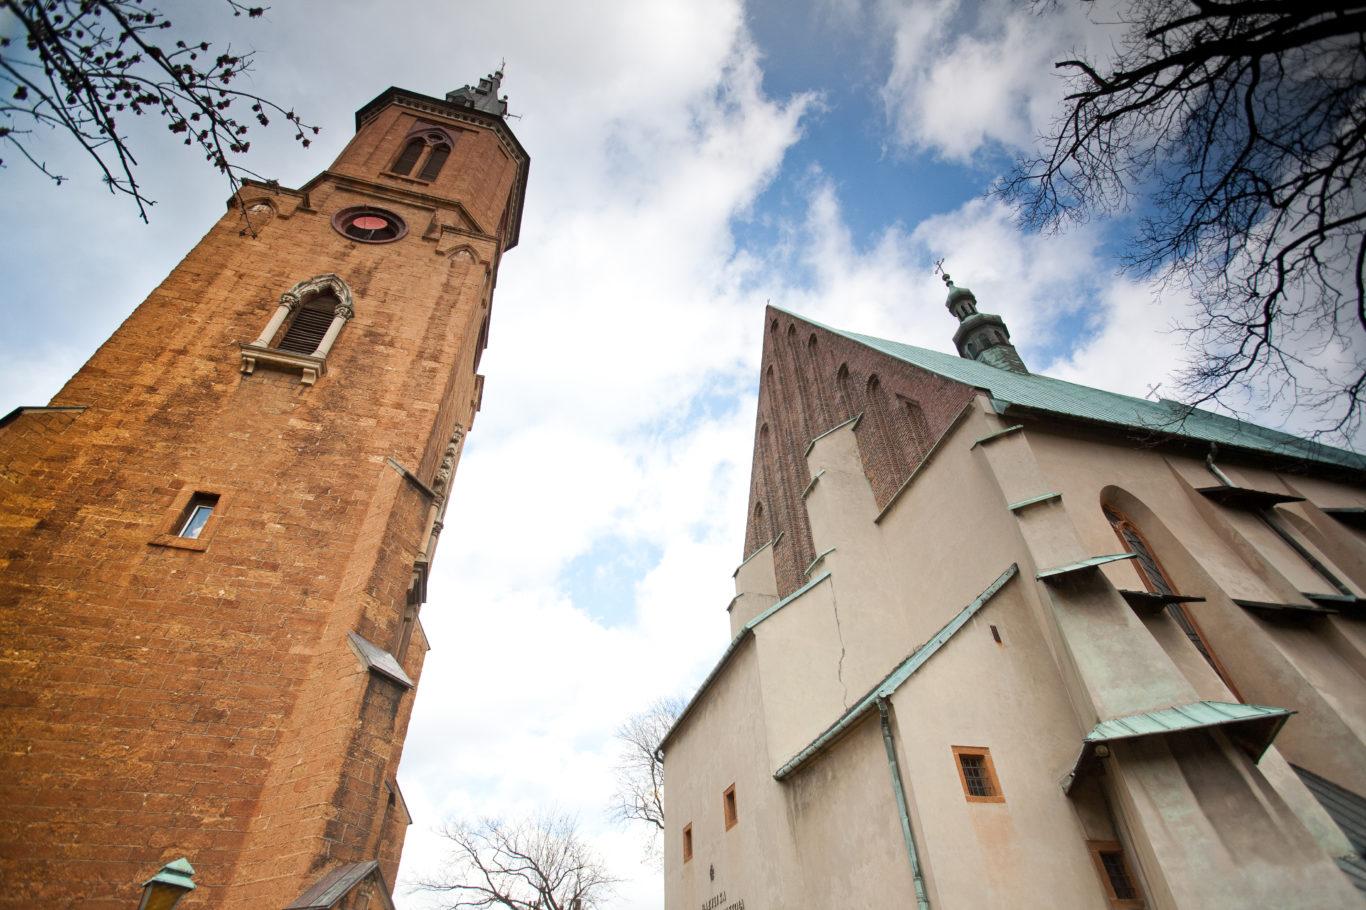 POLIPTYK OLKUSKI – BAZYLIKA KOLEGIACKA PW. ŚW. ANDRZEJA W OLKUSZU, fot. M. Łukaszewicz (Graphia, 2011) ©